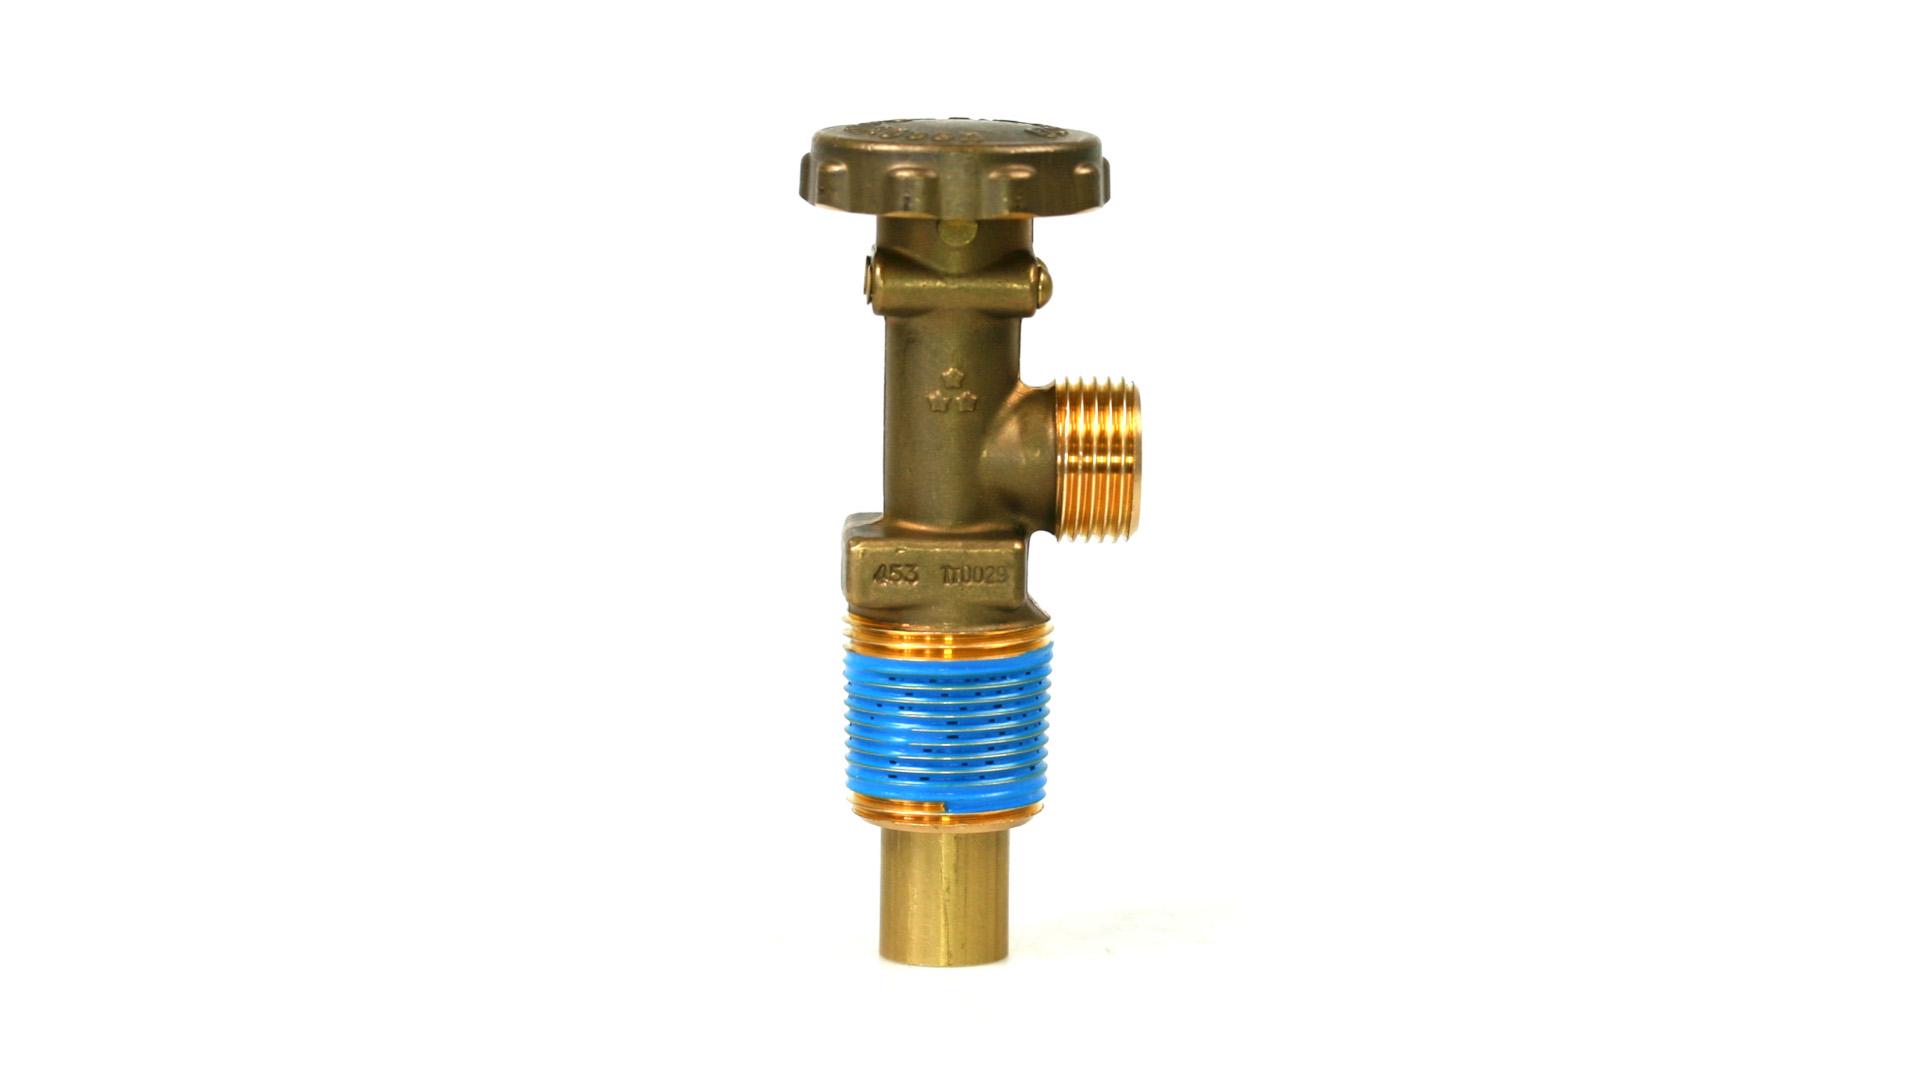 Entnahmeventil für Brenngastank (1920x1080)